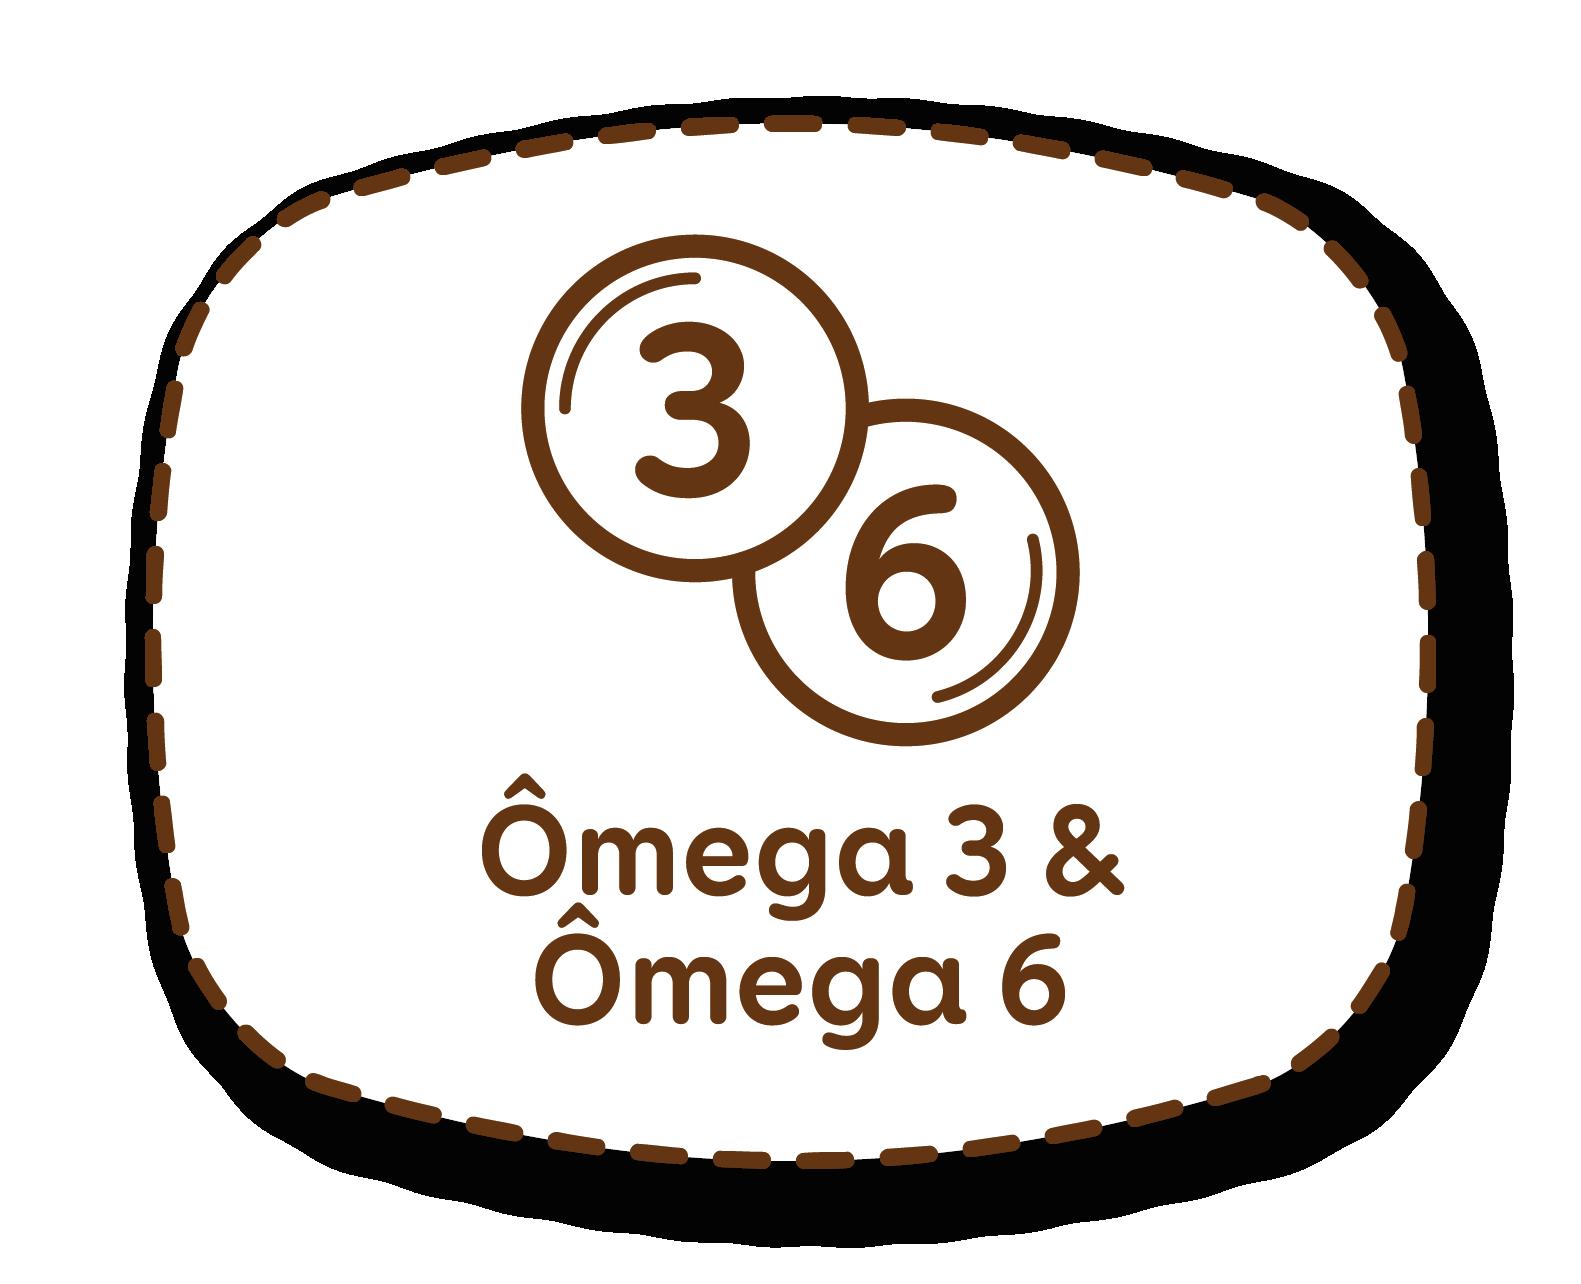 Omega3 & Omega6